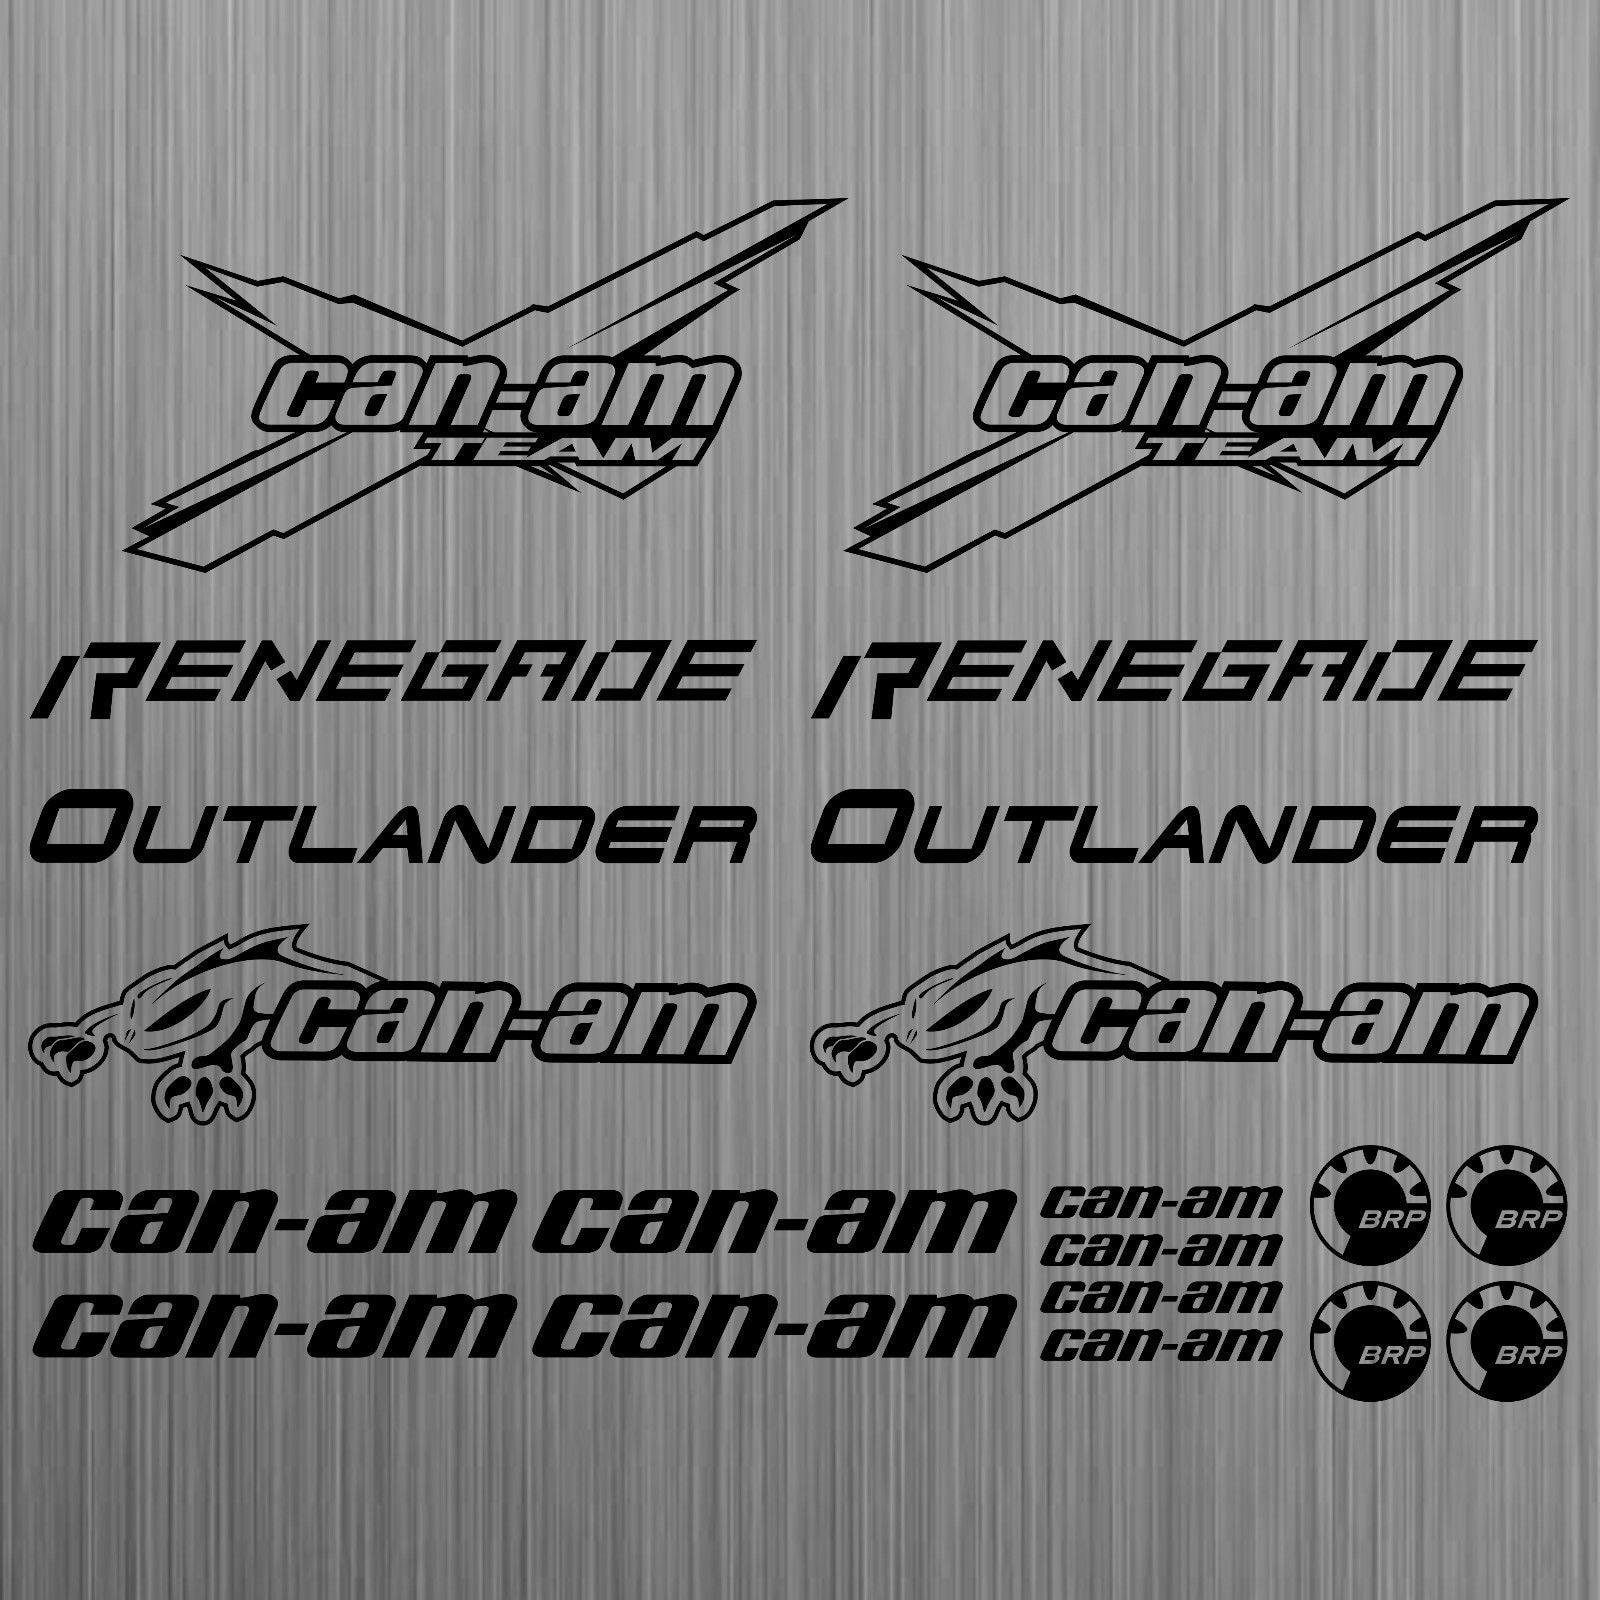 Para can-am canam equipe brp renegado outlander etiqueta quad atv 20 peças estilo do carro